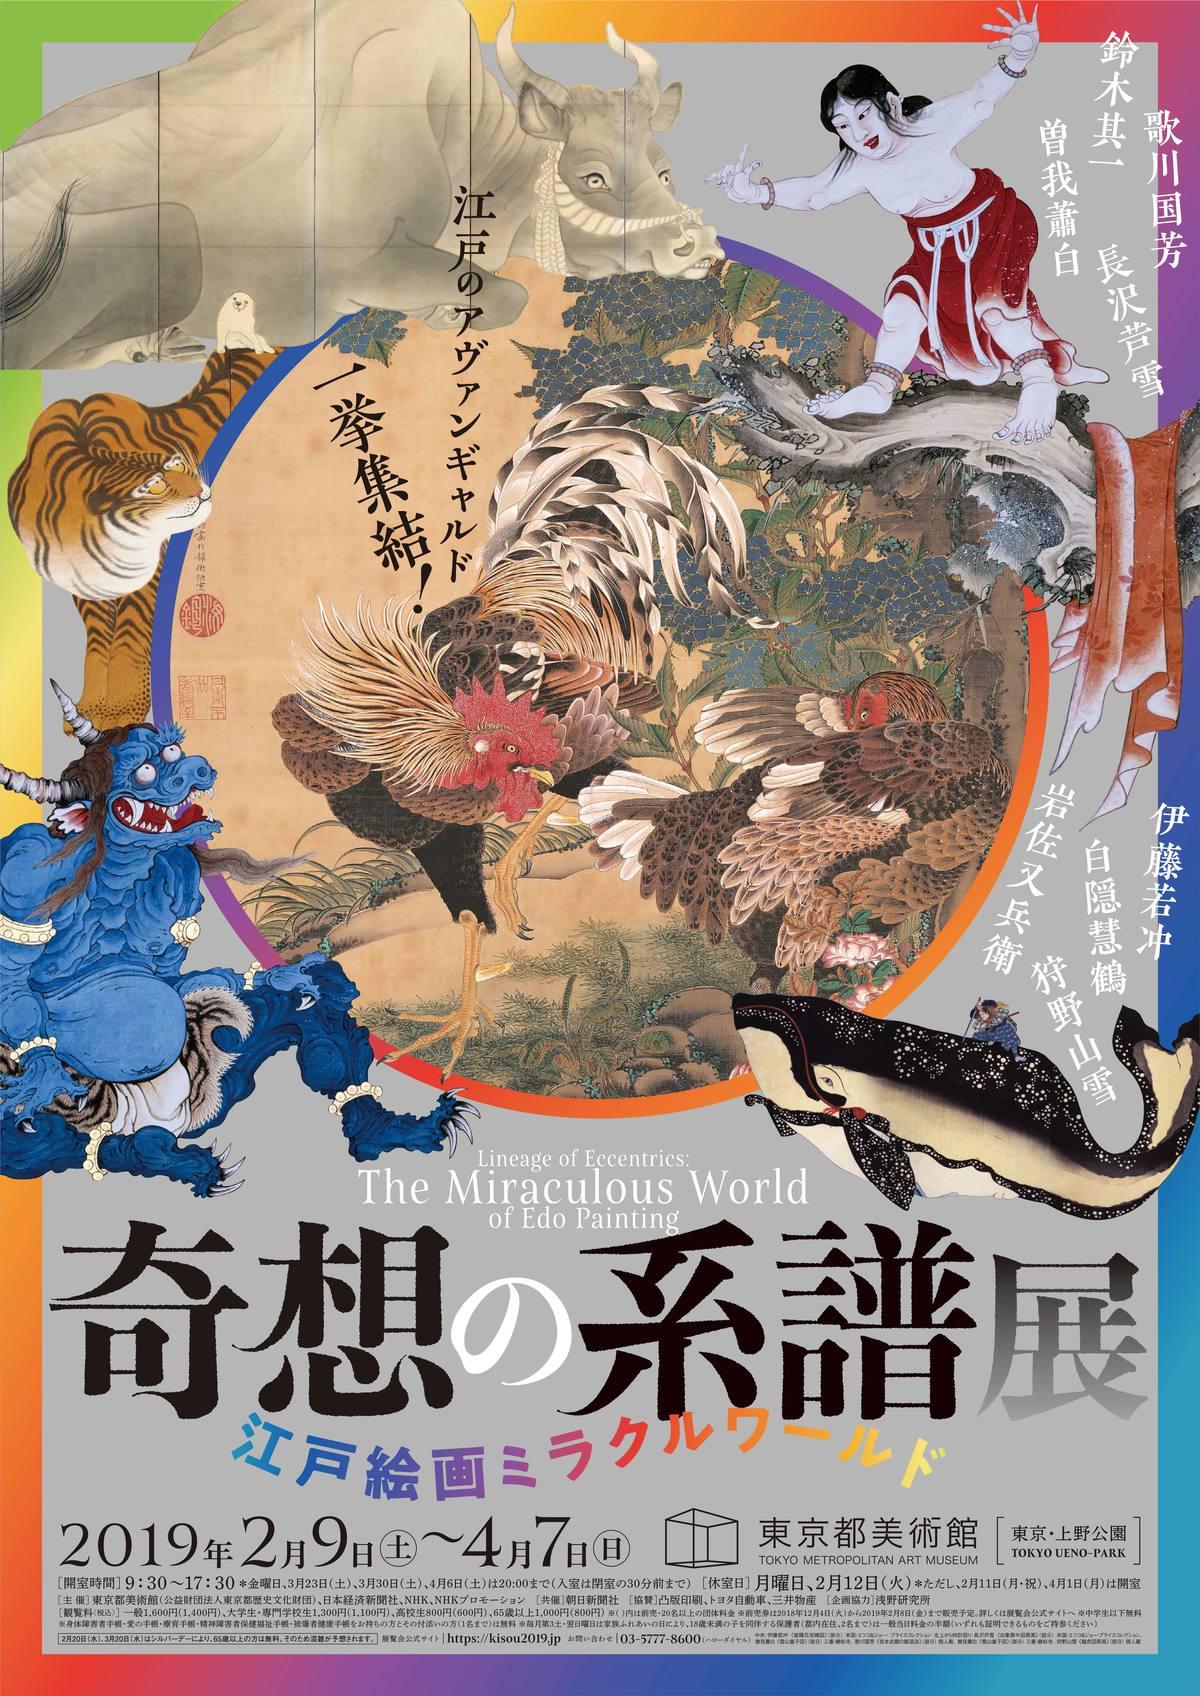 「奇想の系譜展 江戸絵画ミラクルワールド」関連NHK文化講演会の画像